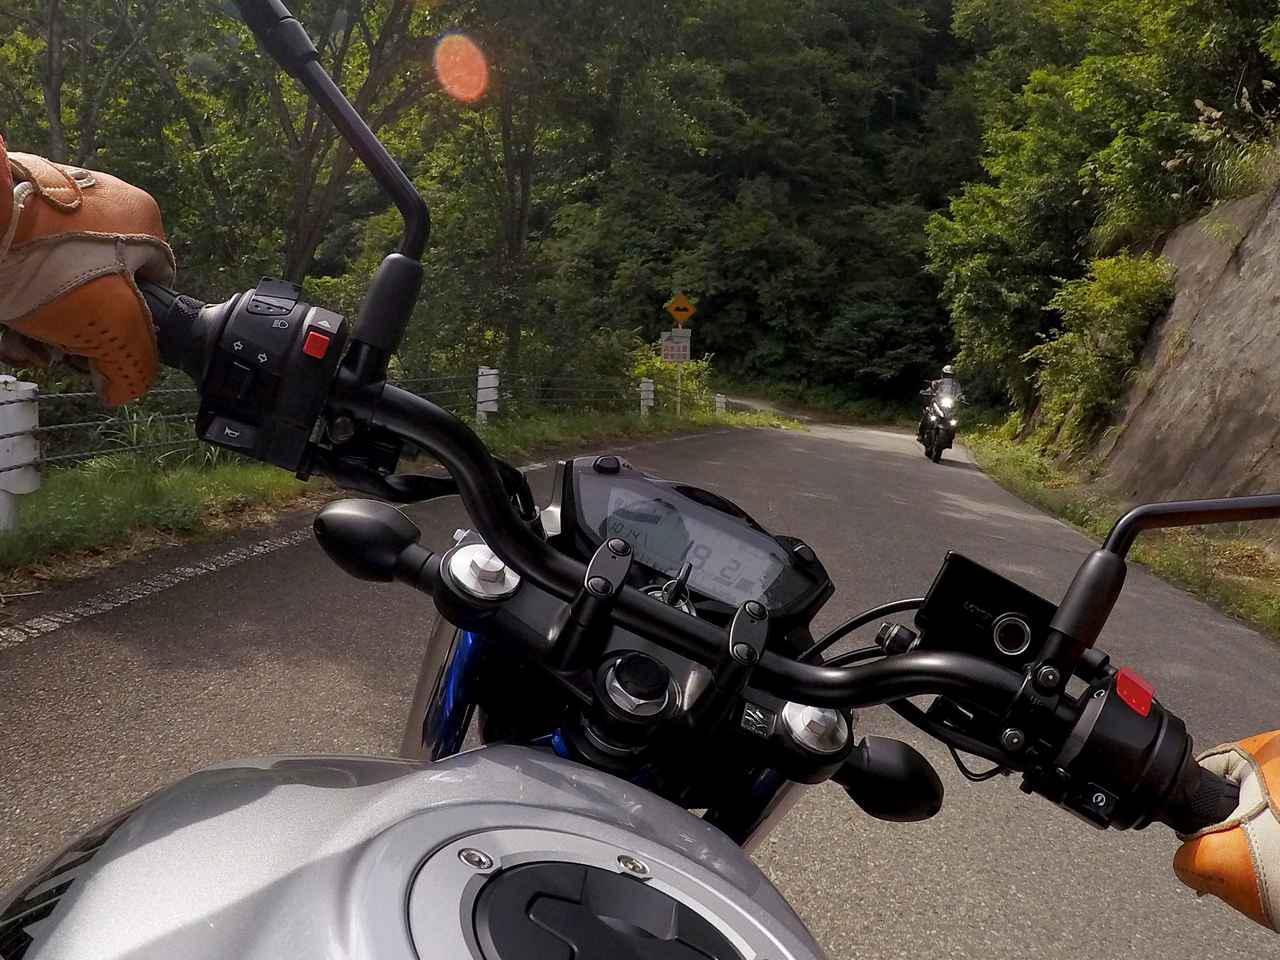 画像: あなたには行かないでほしい道『酷道352号線 樹海ライン』の真実【スズキSV650 酷道ツーリング紀行・後編】 - スズキのバイク!